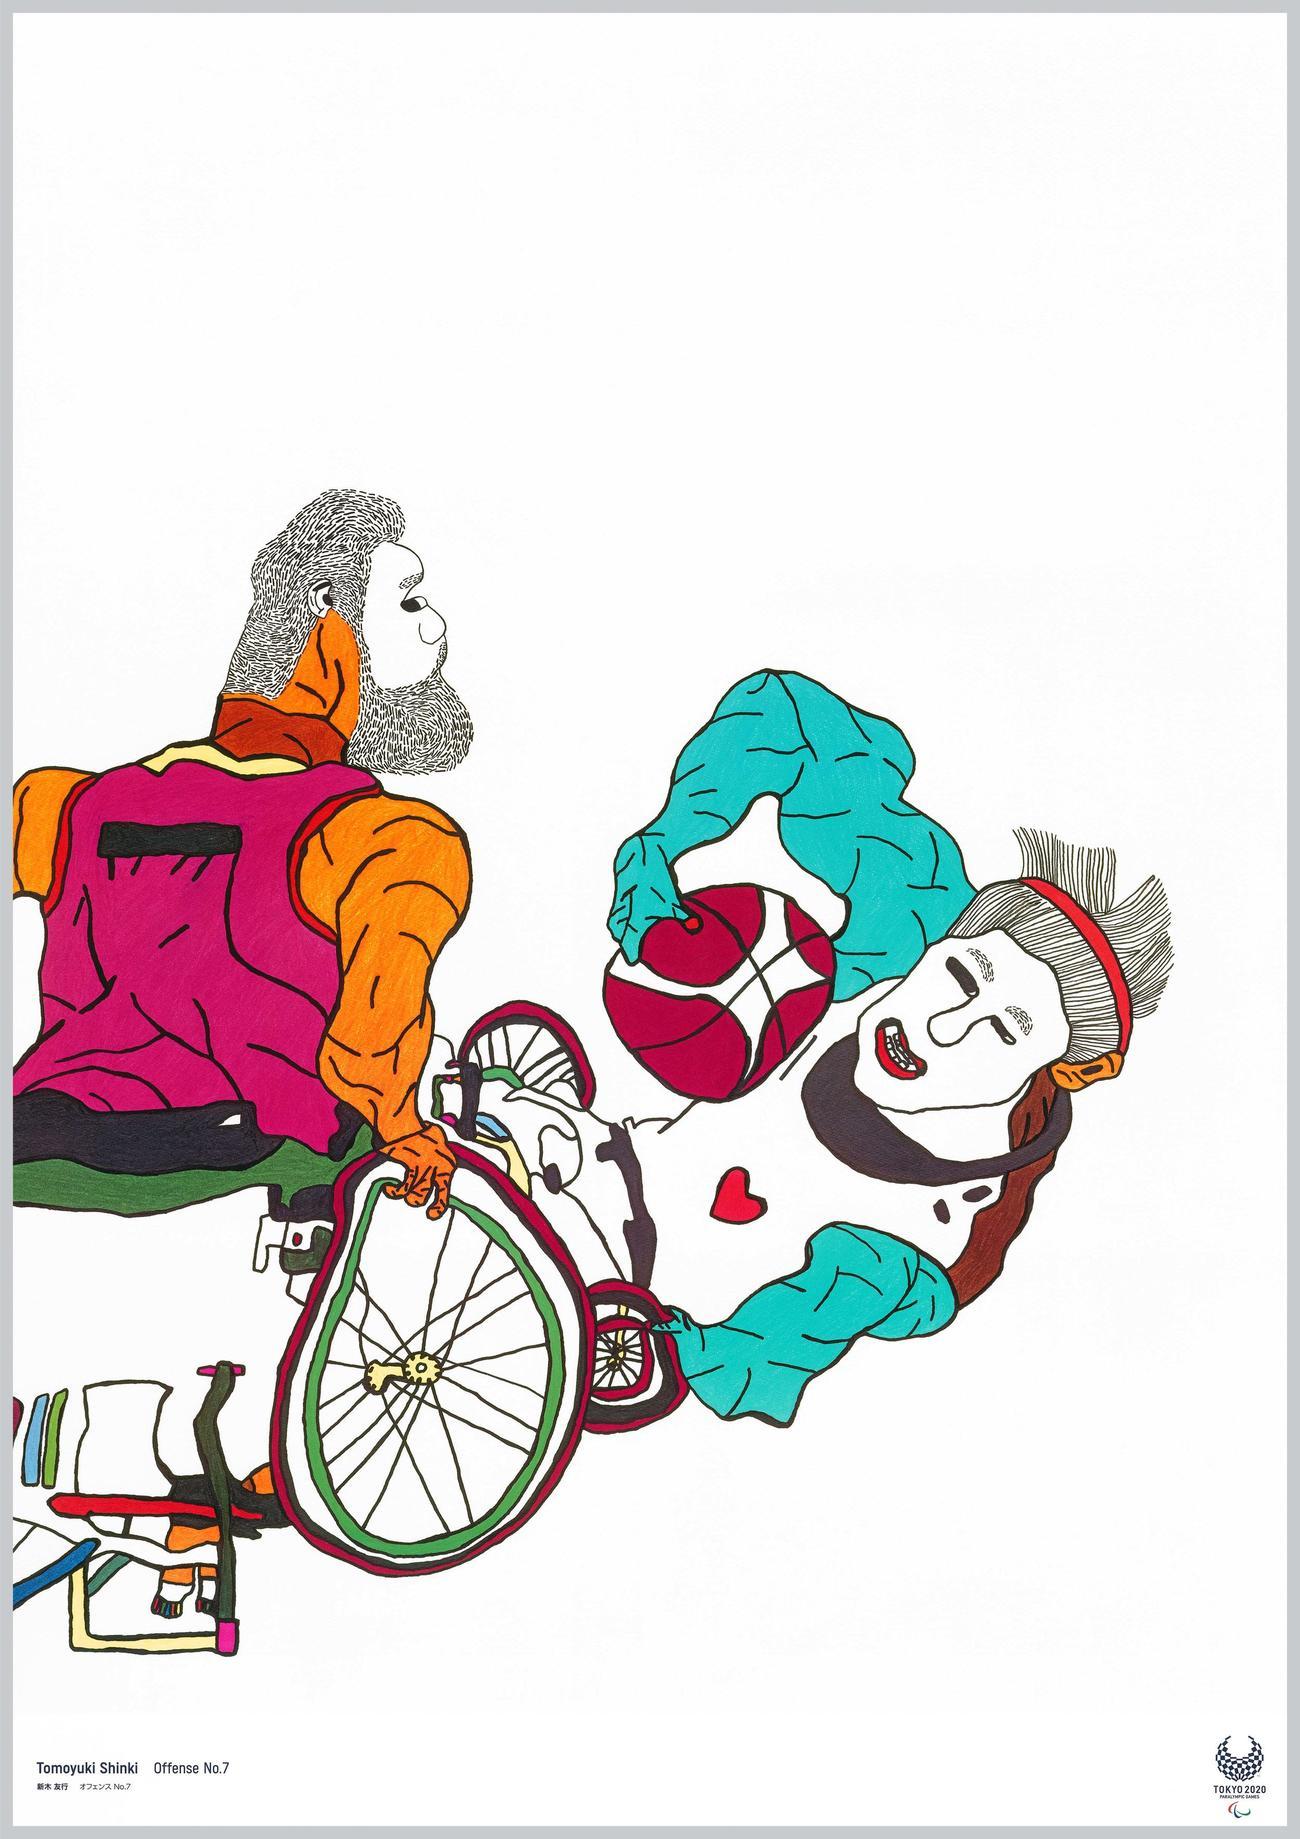 アーティスト新木友行氏が手掛けたパラリンピックをテーマにした作品「オフェンスNo.7」@Tokyo2020